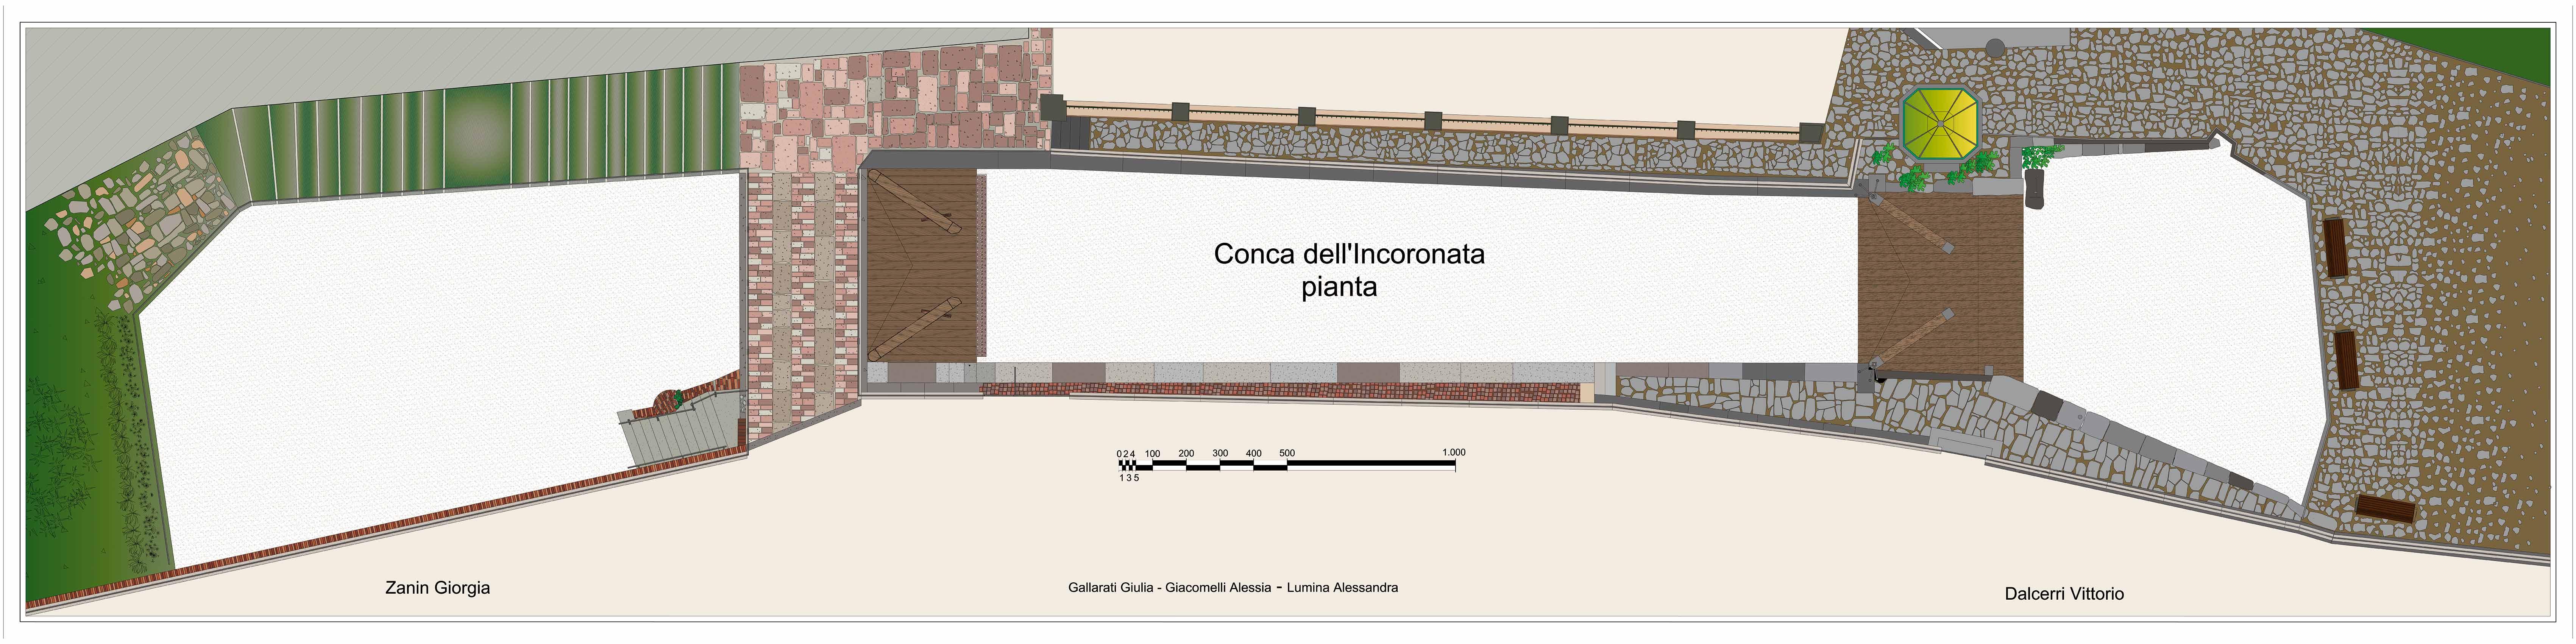 C:\001 Giuseppe\Lavori\LAS\AS16-17\5A\RilConca\Composizione1Imaginazione 1 Model (1)